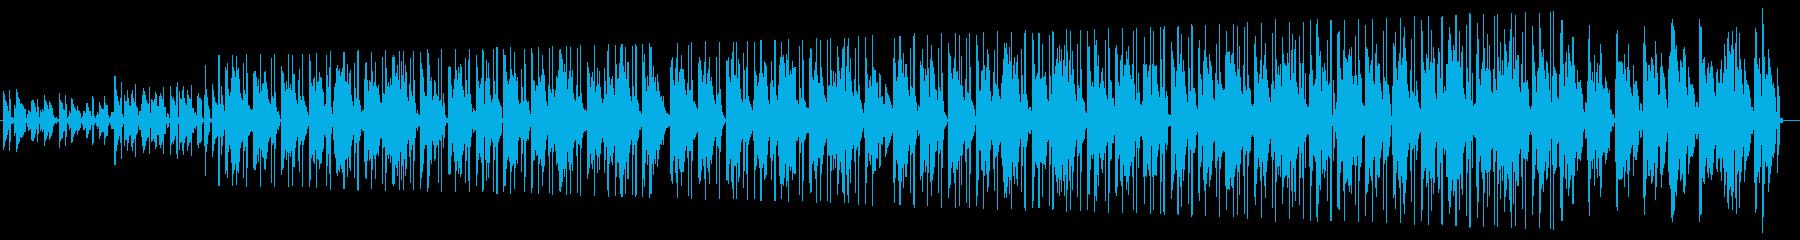 スプートニク 帰り道のローファイギターの再生済みの波形